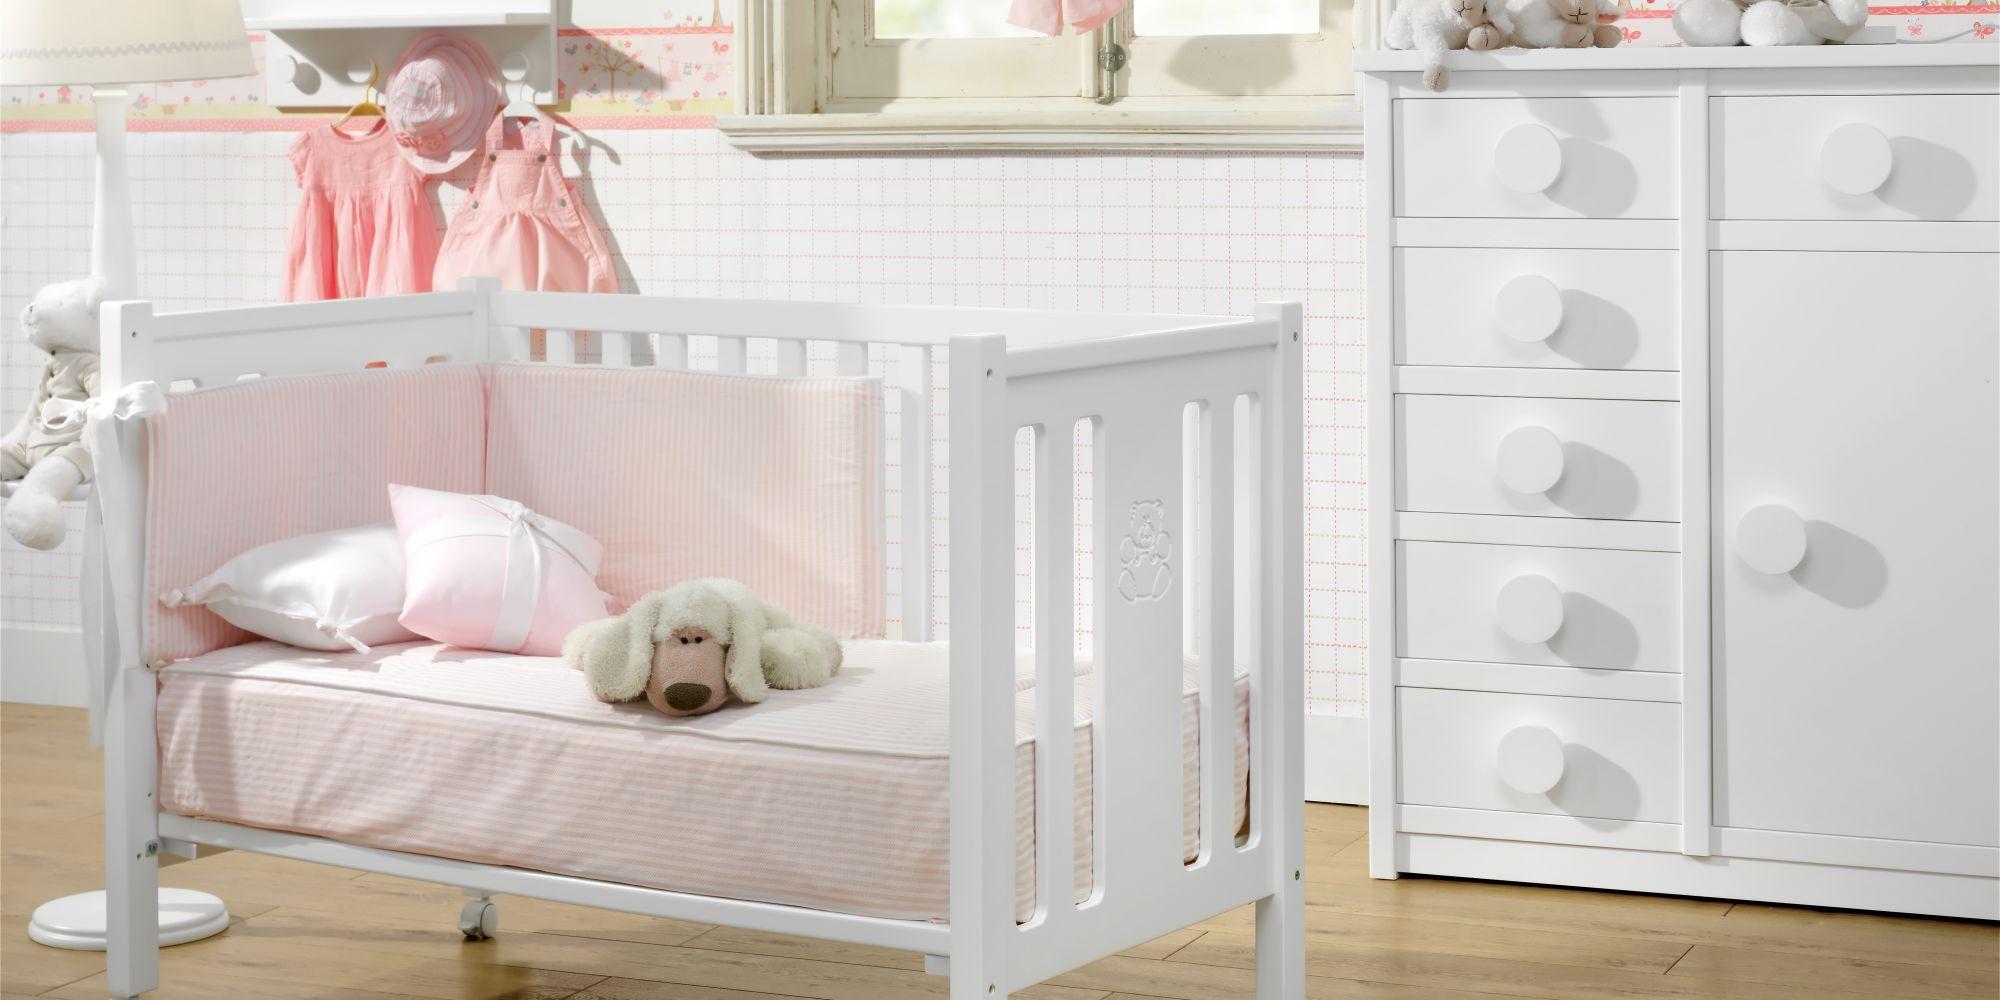 Cuna abierta y cómoda en color blanco